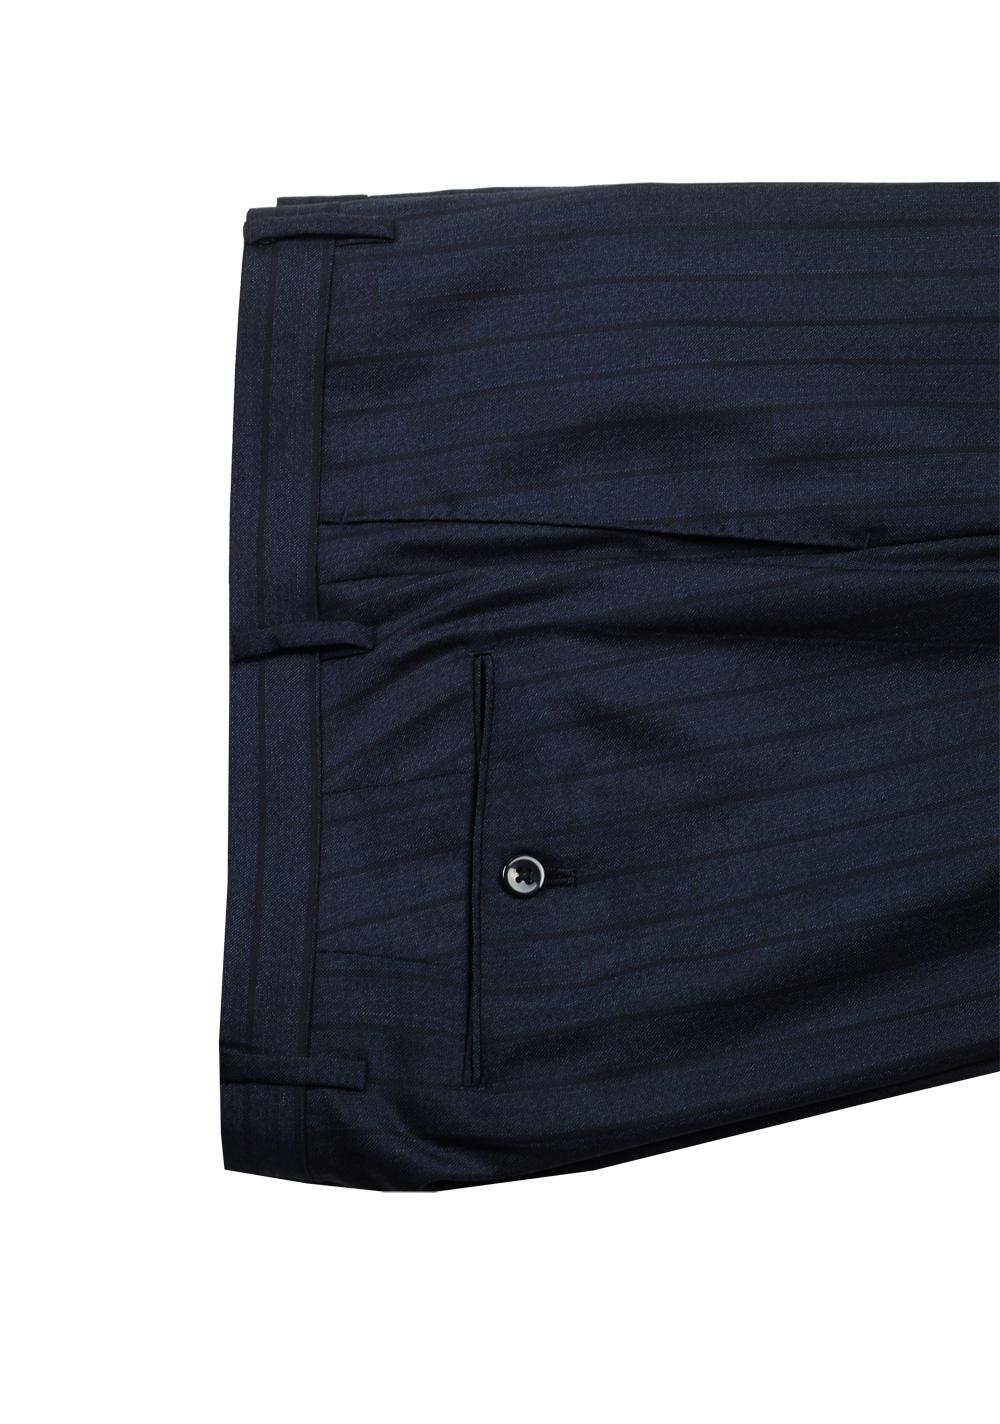 Ring Jacket Blue Striped Suit Size 44 / 34R U.S. | Costume Limité